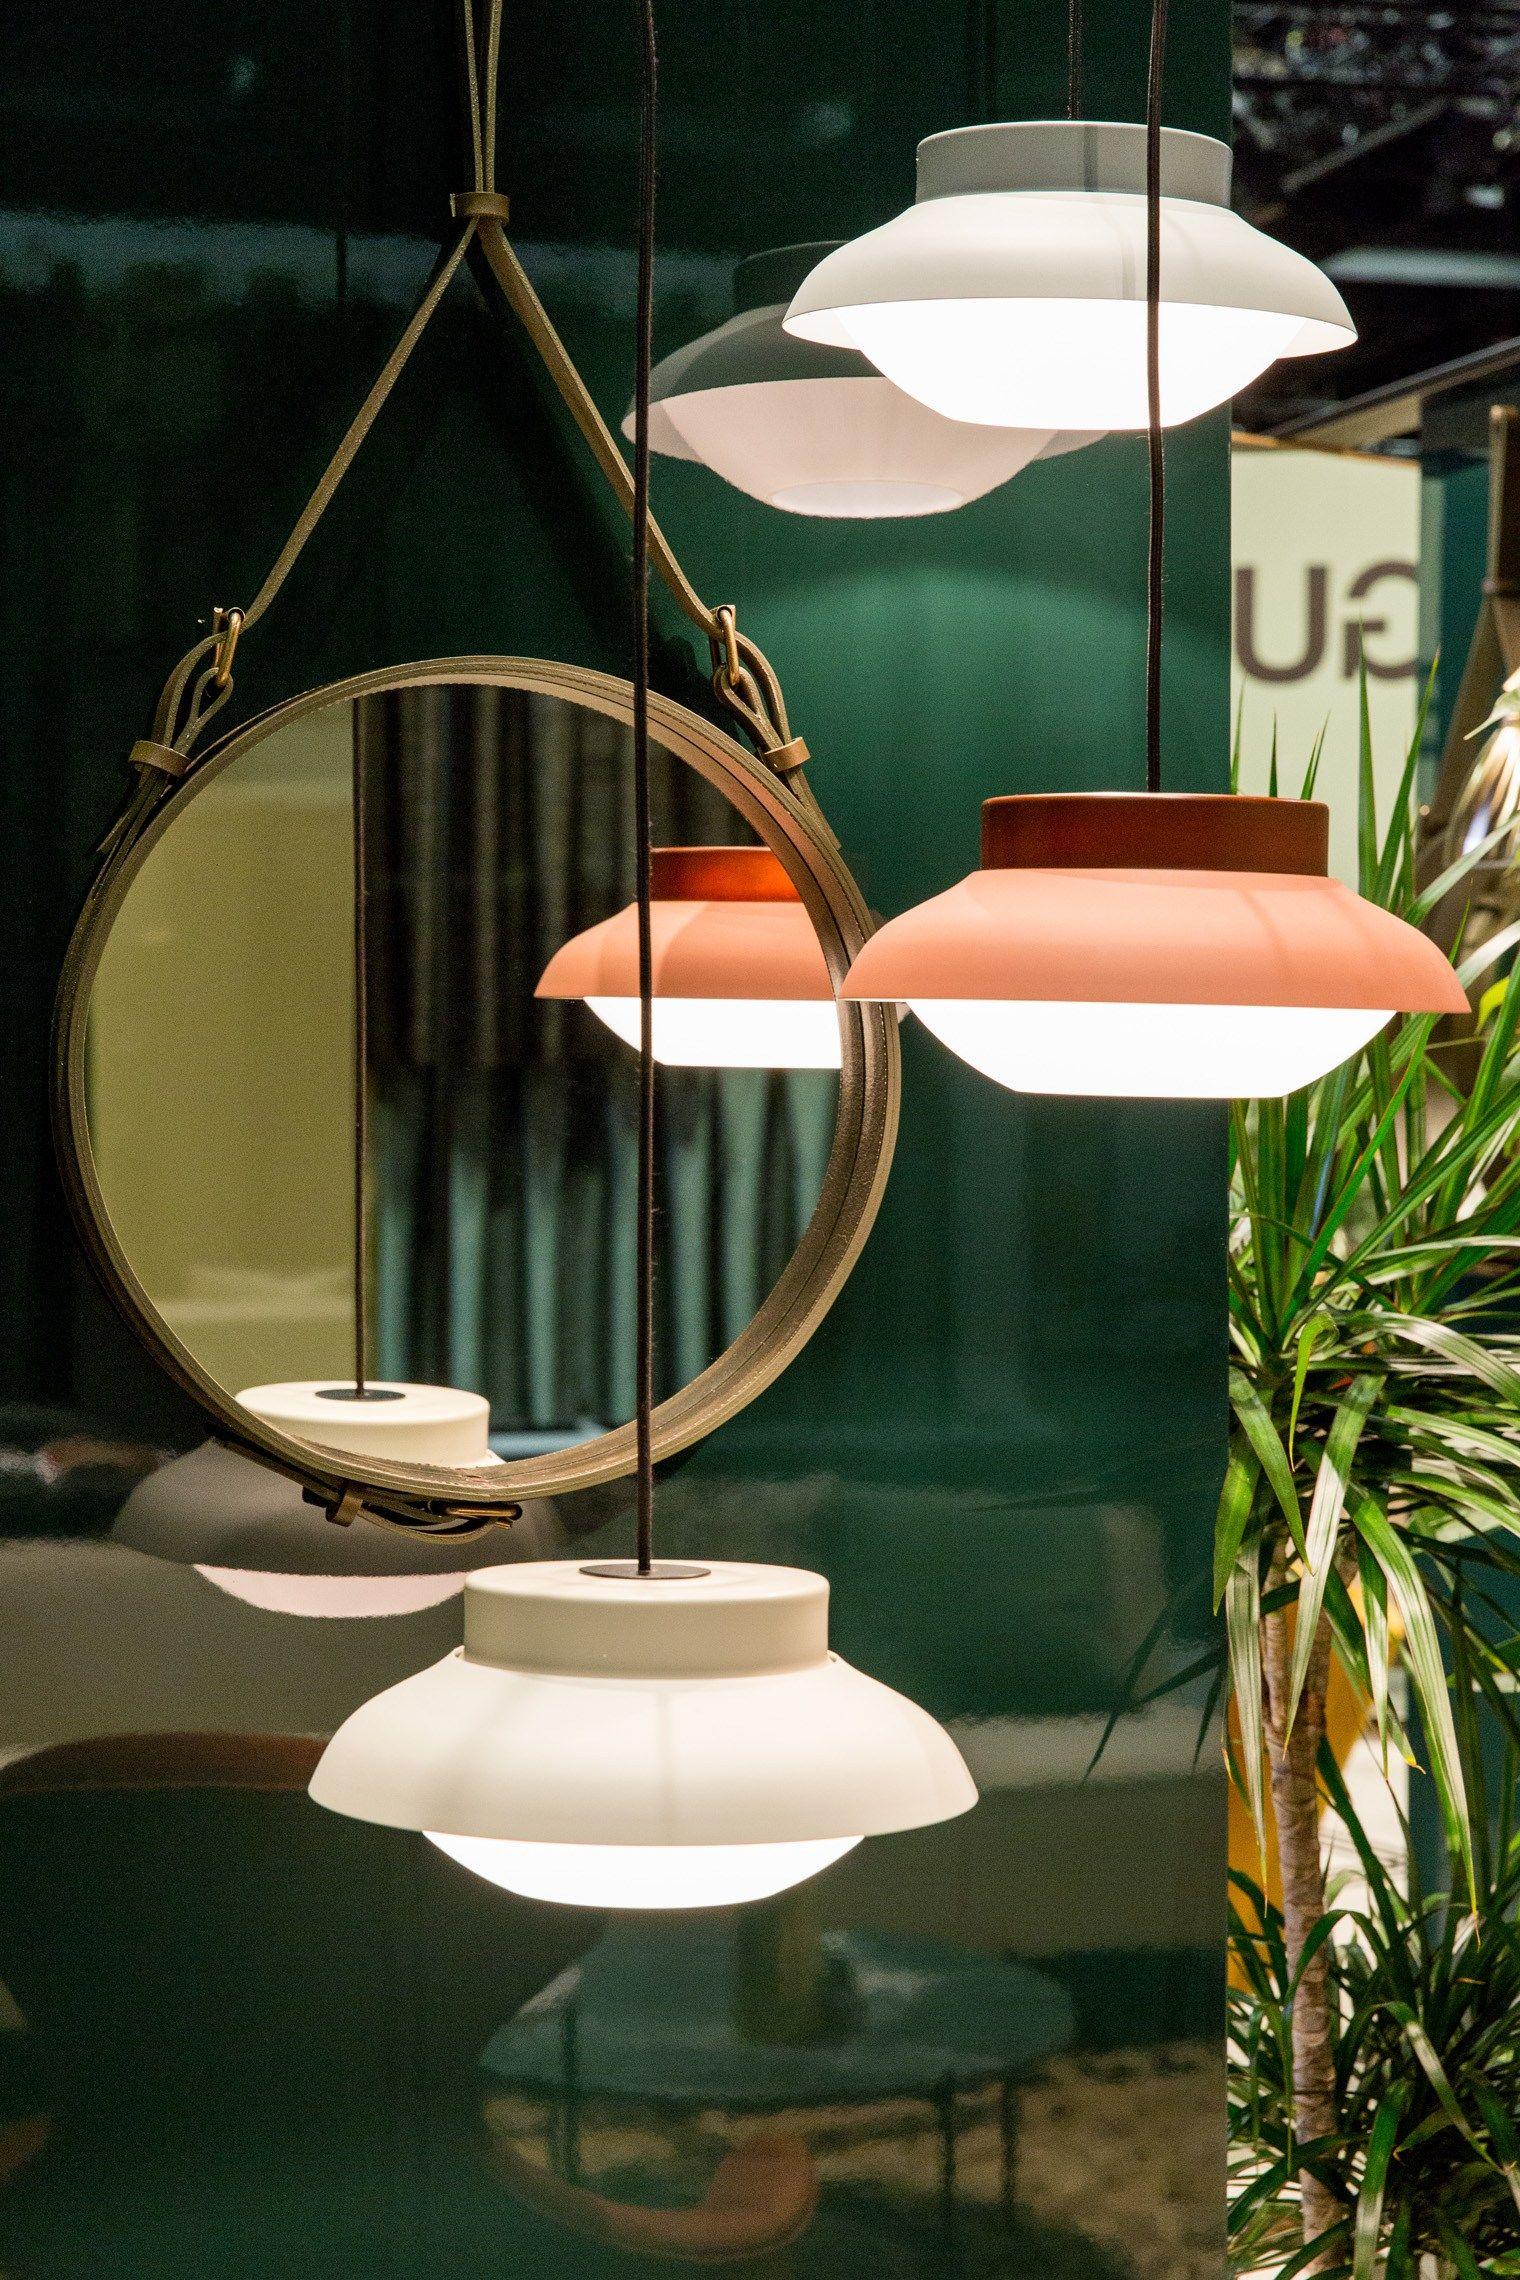 Aluminium Pendant Lamp Collar By Gubi Design Sebastian Herkner Aluminum Pendant Lamp Steel Lighting Lighting Inspiration